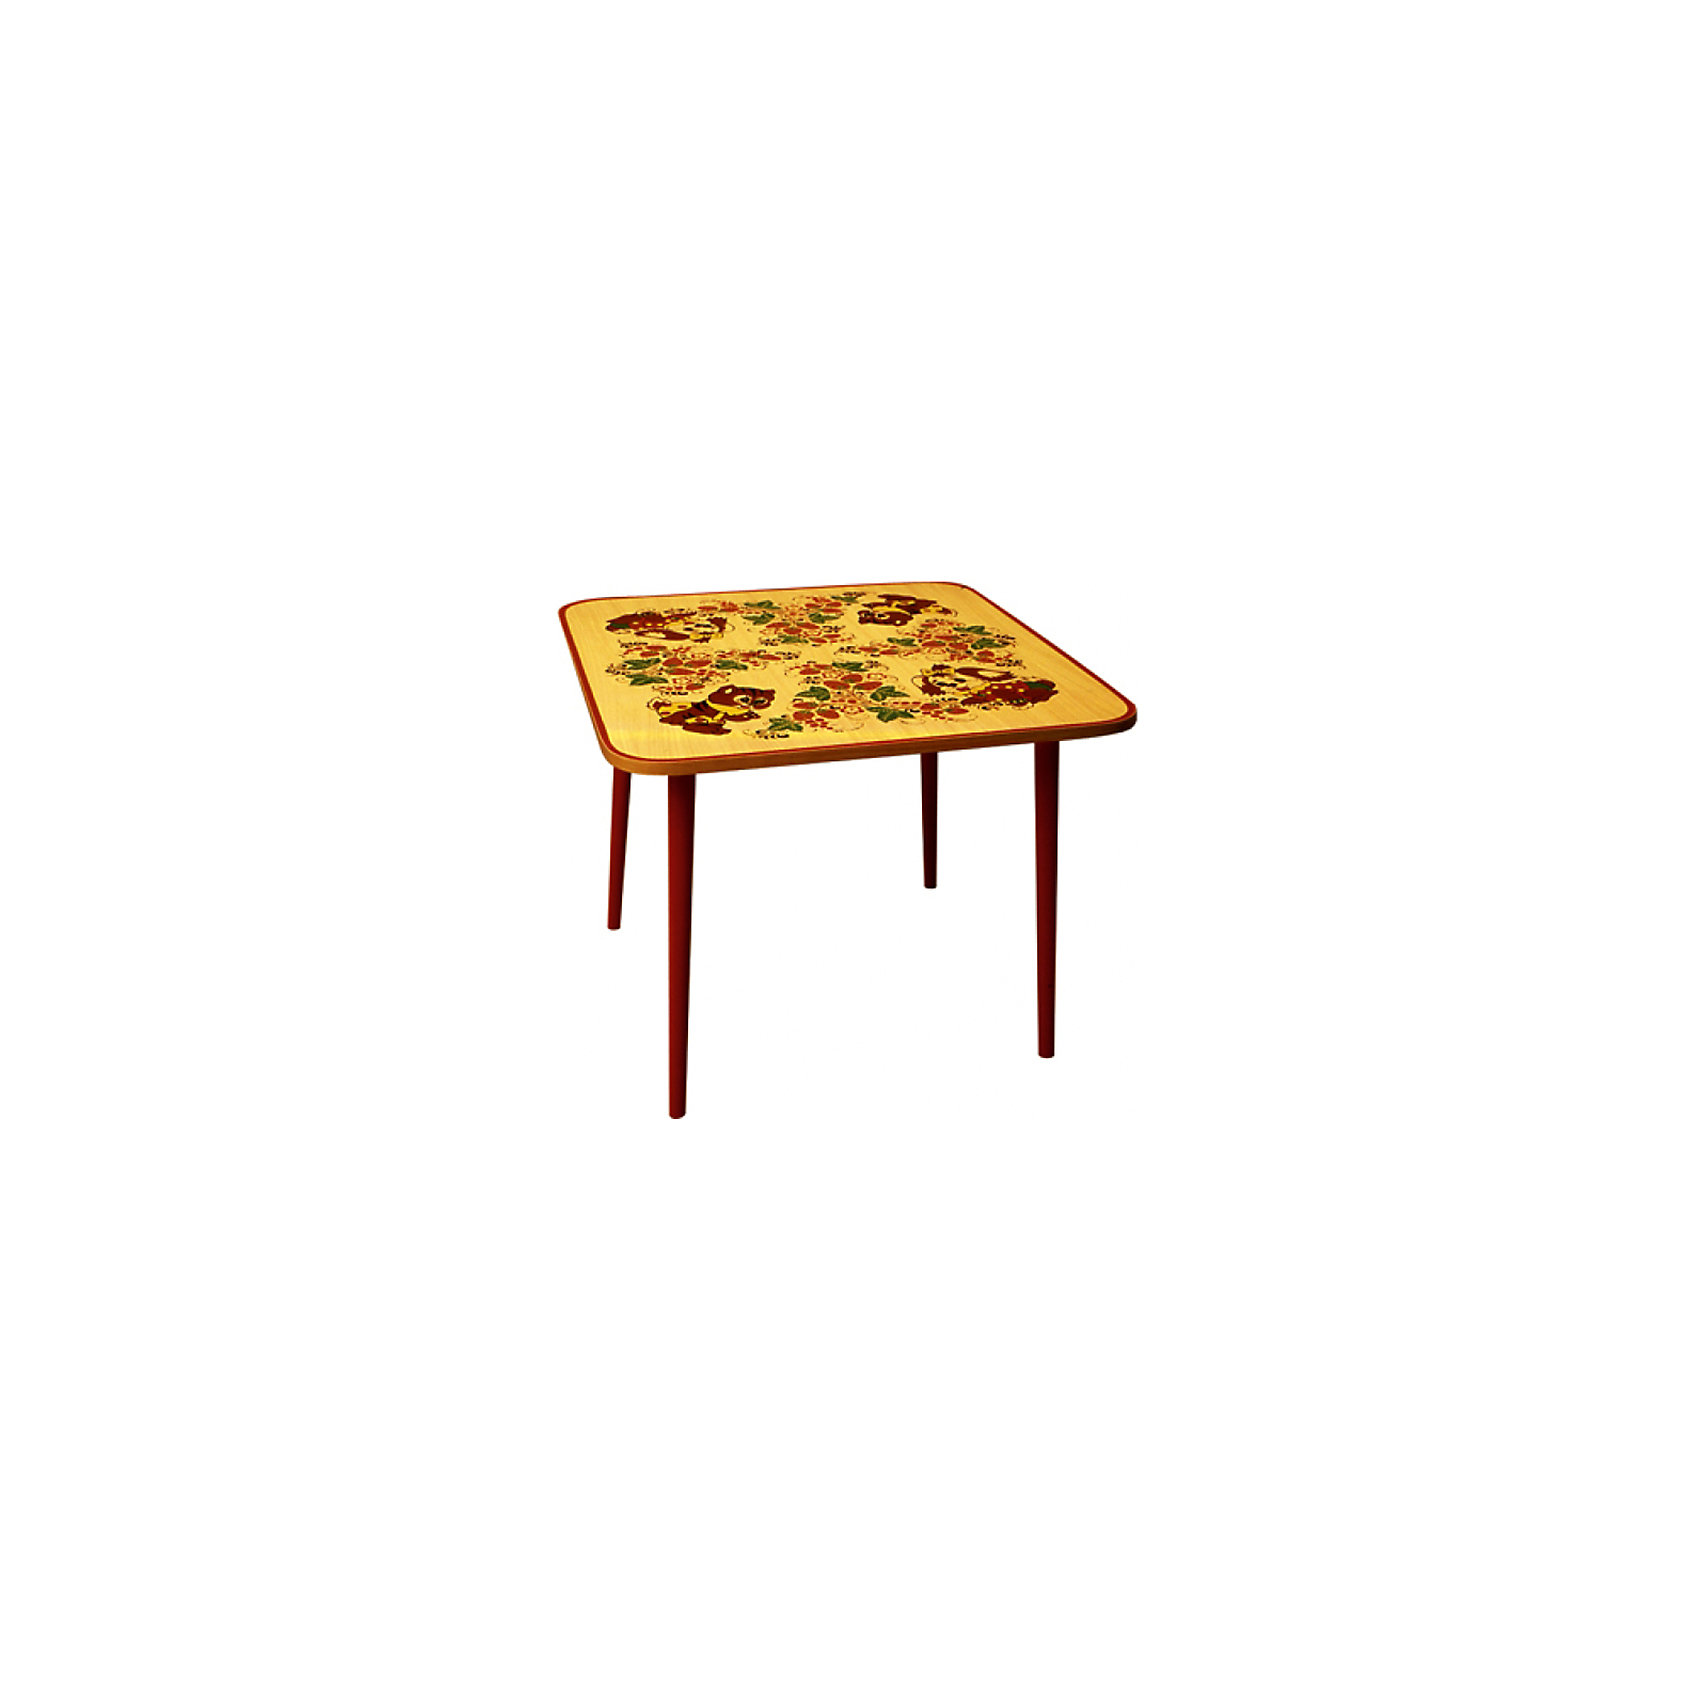 Стол Зверьки с  художественной росписьюКрасочный квадратный столик со сказочными рисунками лесных зверьков выполнен из массива. Его поверхность пропитана варёным льняным маслом и покрыта алюминиевым порошком и росписью. На поверхность стола также нанесены несколько слоев лака. Столик очень прочный и устойчивый, покрытие закалено при особом температурном режиме и не будет отслаиваться или облупливаться при частой влажной уборке.<br><br>Дополнительная информация:<br><br>- Возраст: от 6 мес.<br>- Материал: дерево.<br>- Цвет: орнамент - Хохломская роспись  зверьки. <br>- Параметры стола: 65х65х52 см.<br><br>Детский столик Зверьки с художественной росписью,  можно купить в нашем магазине.<br><br>Ширина мм: 650<br>Глубина мм: 650<br>Высота мм: 520<br>Вес г: 8000<br>Возраст от месяцев: 36<br>Возраст до месяцев: 108<br>Пол: Унисекс<br>Возраст: Детский<br>SKU: 4718374